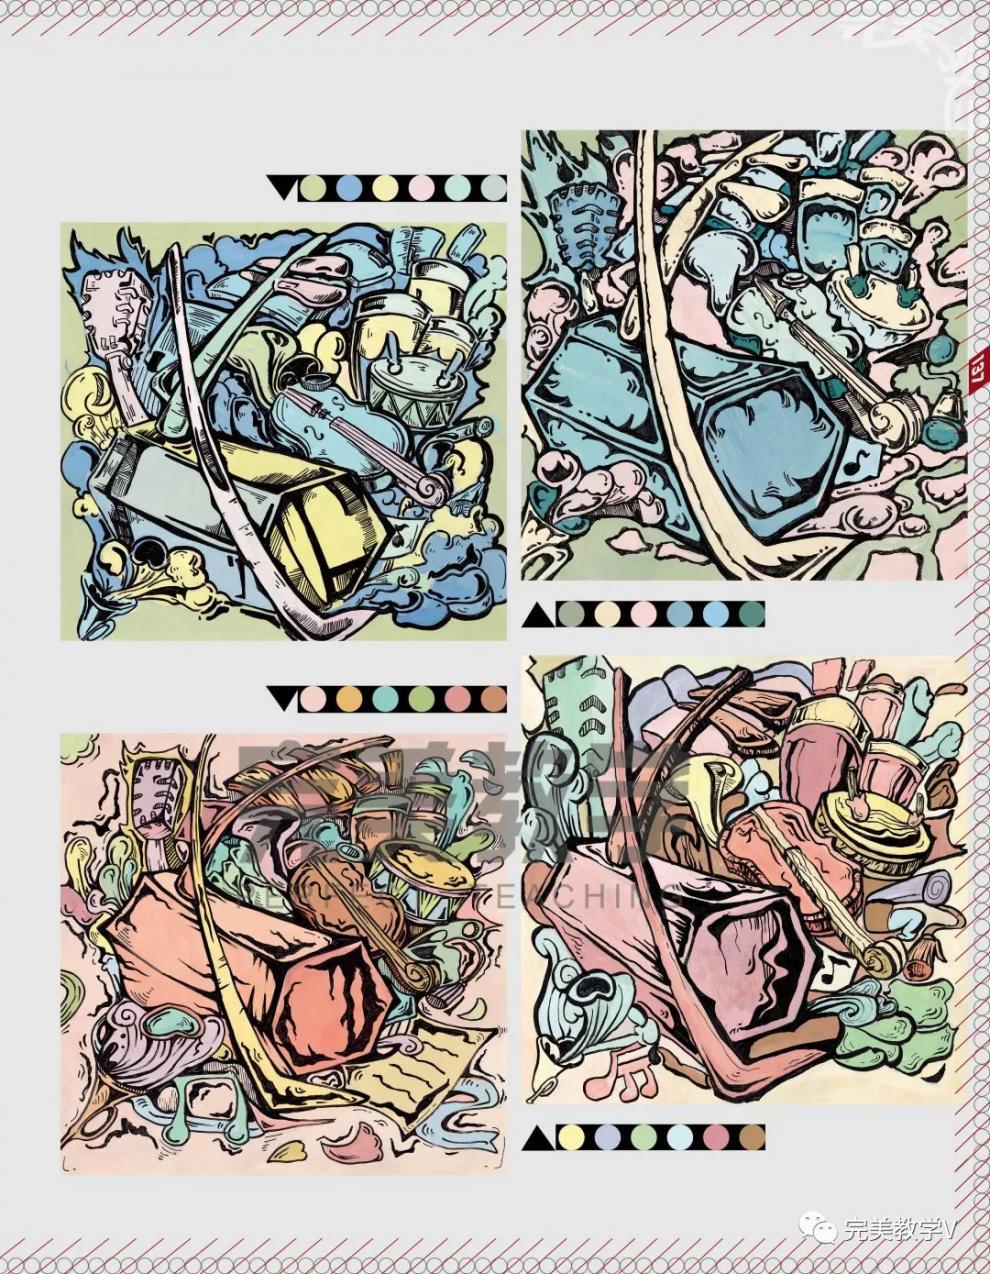 0完美教学杨慎修梁文广编美术校考设计教材黑白装饰画彩色马克笔手绘图片